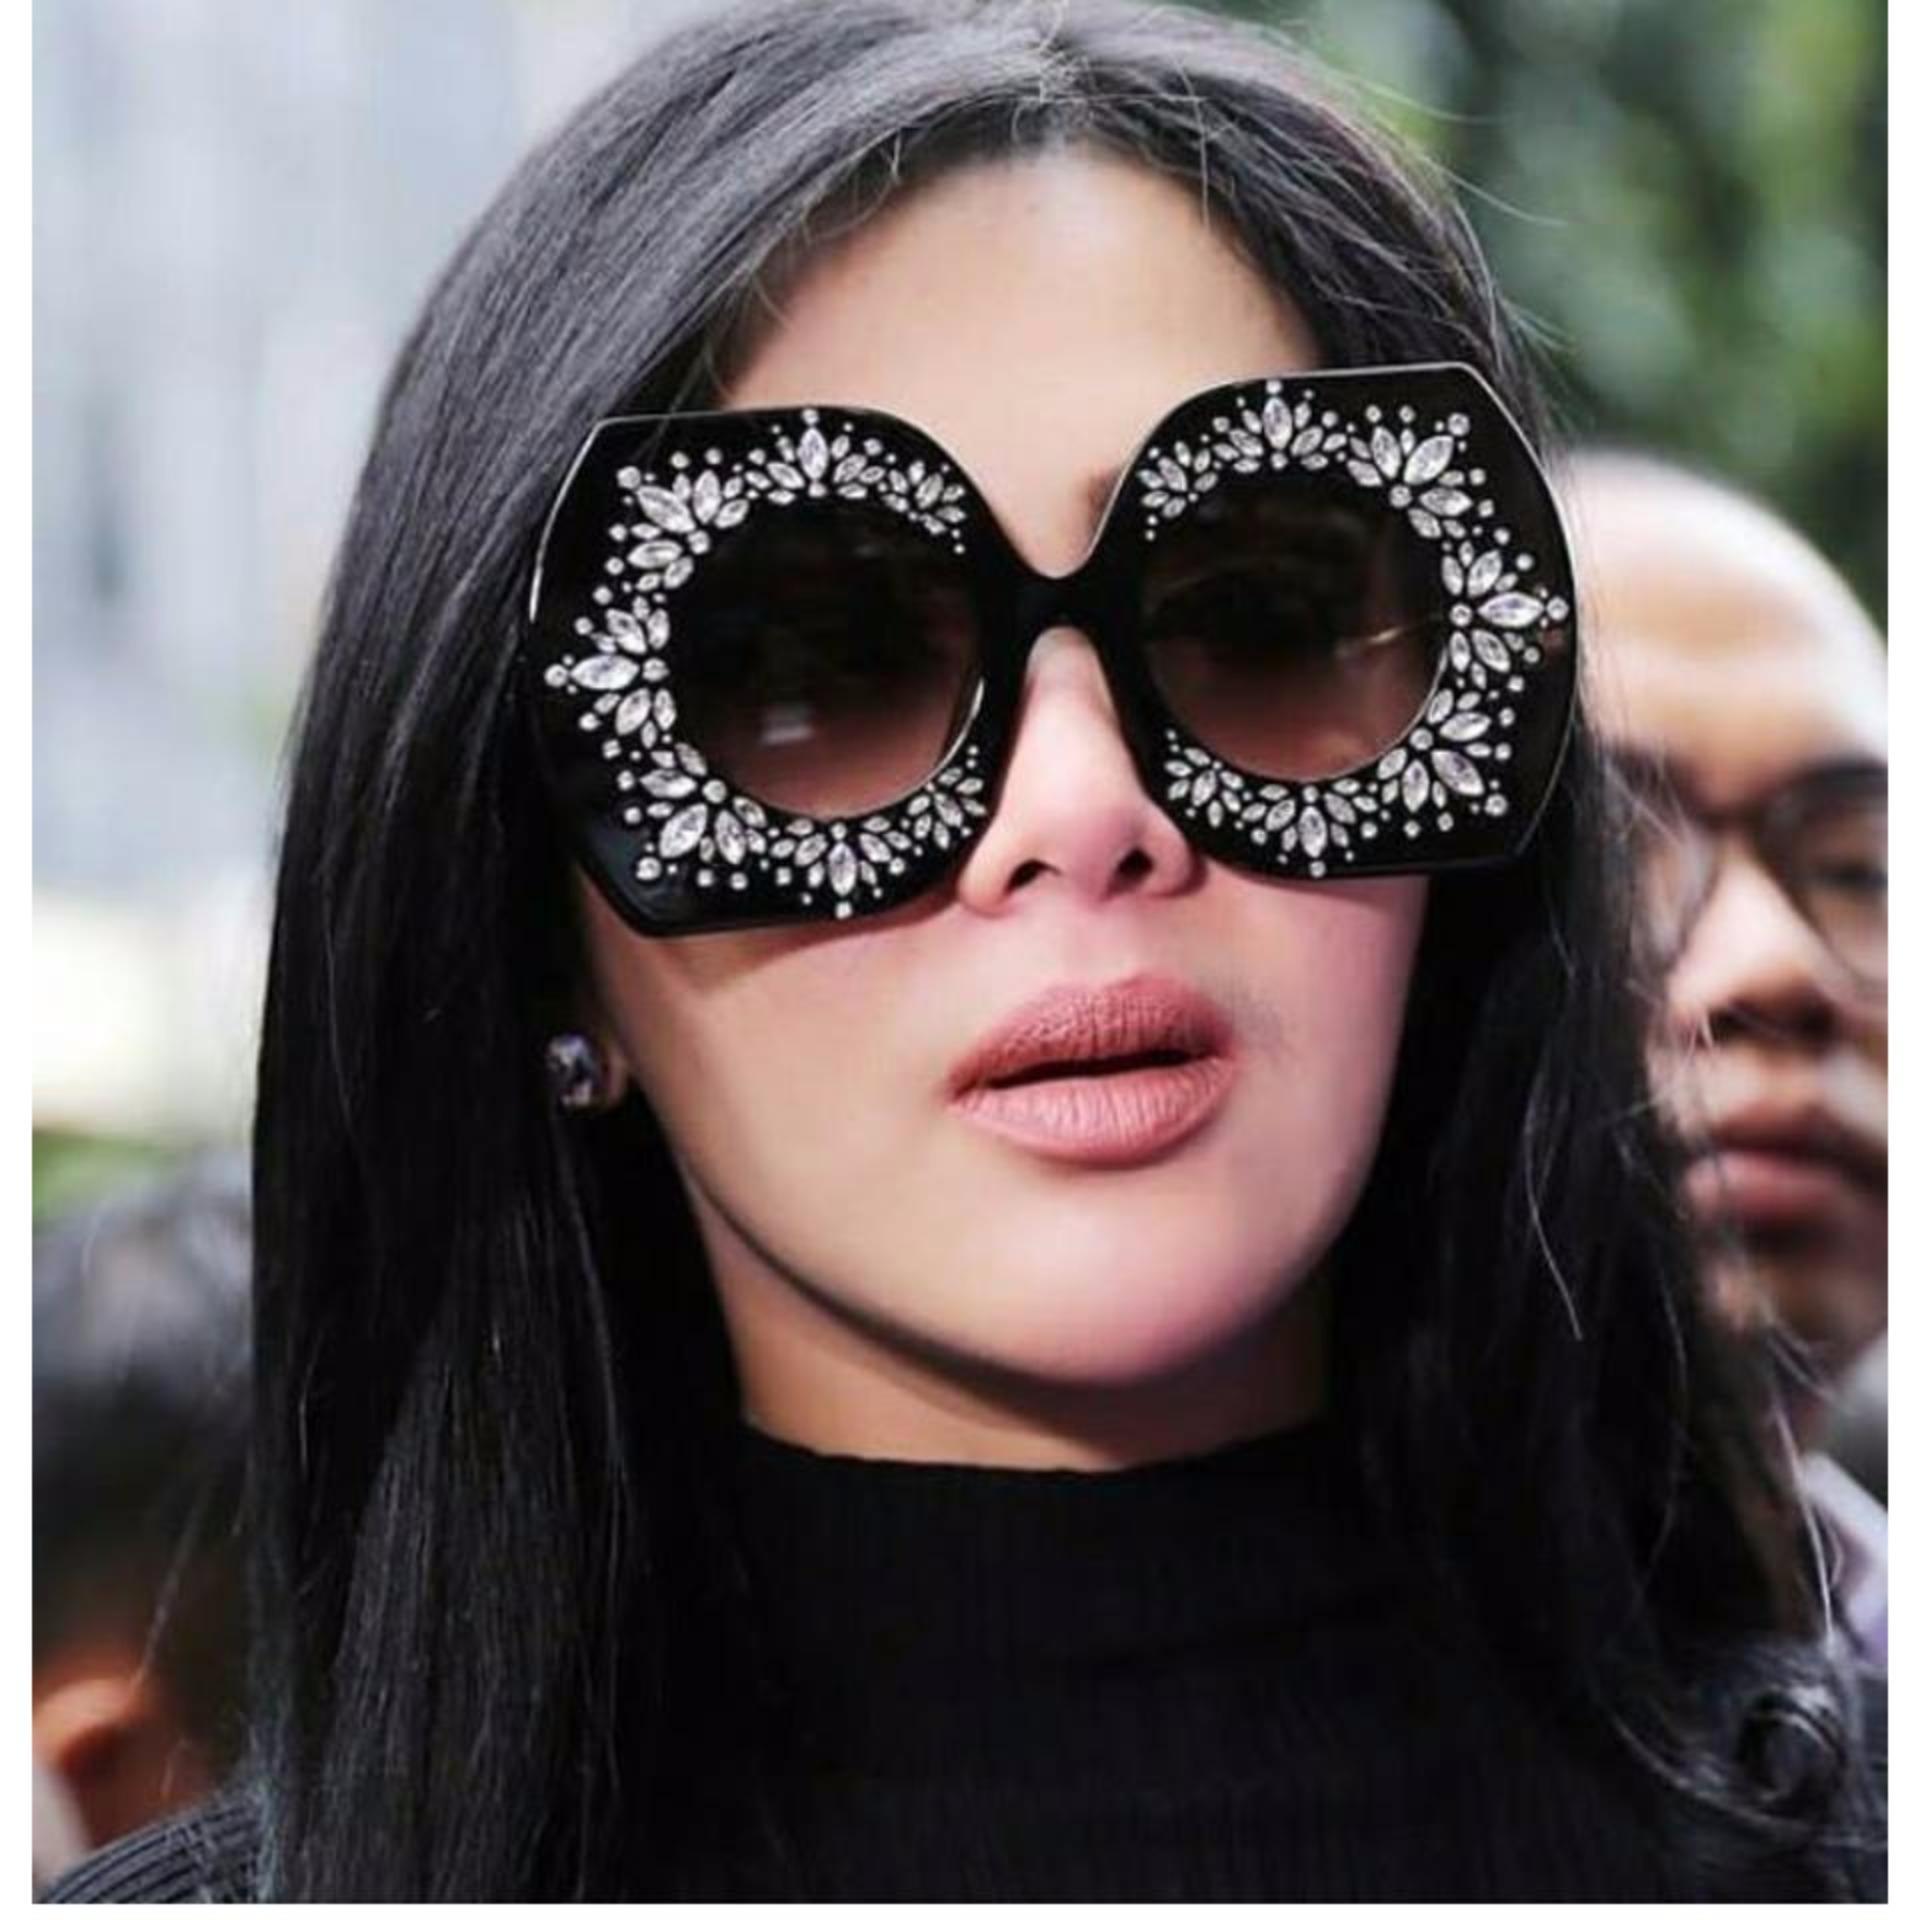 JUAL Kacamata hitam wanita import murah obral Sunglass artis UV400 ... 17595e729c